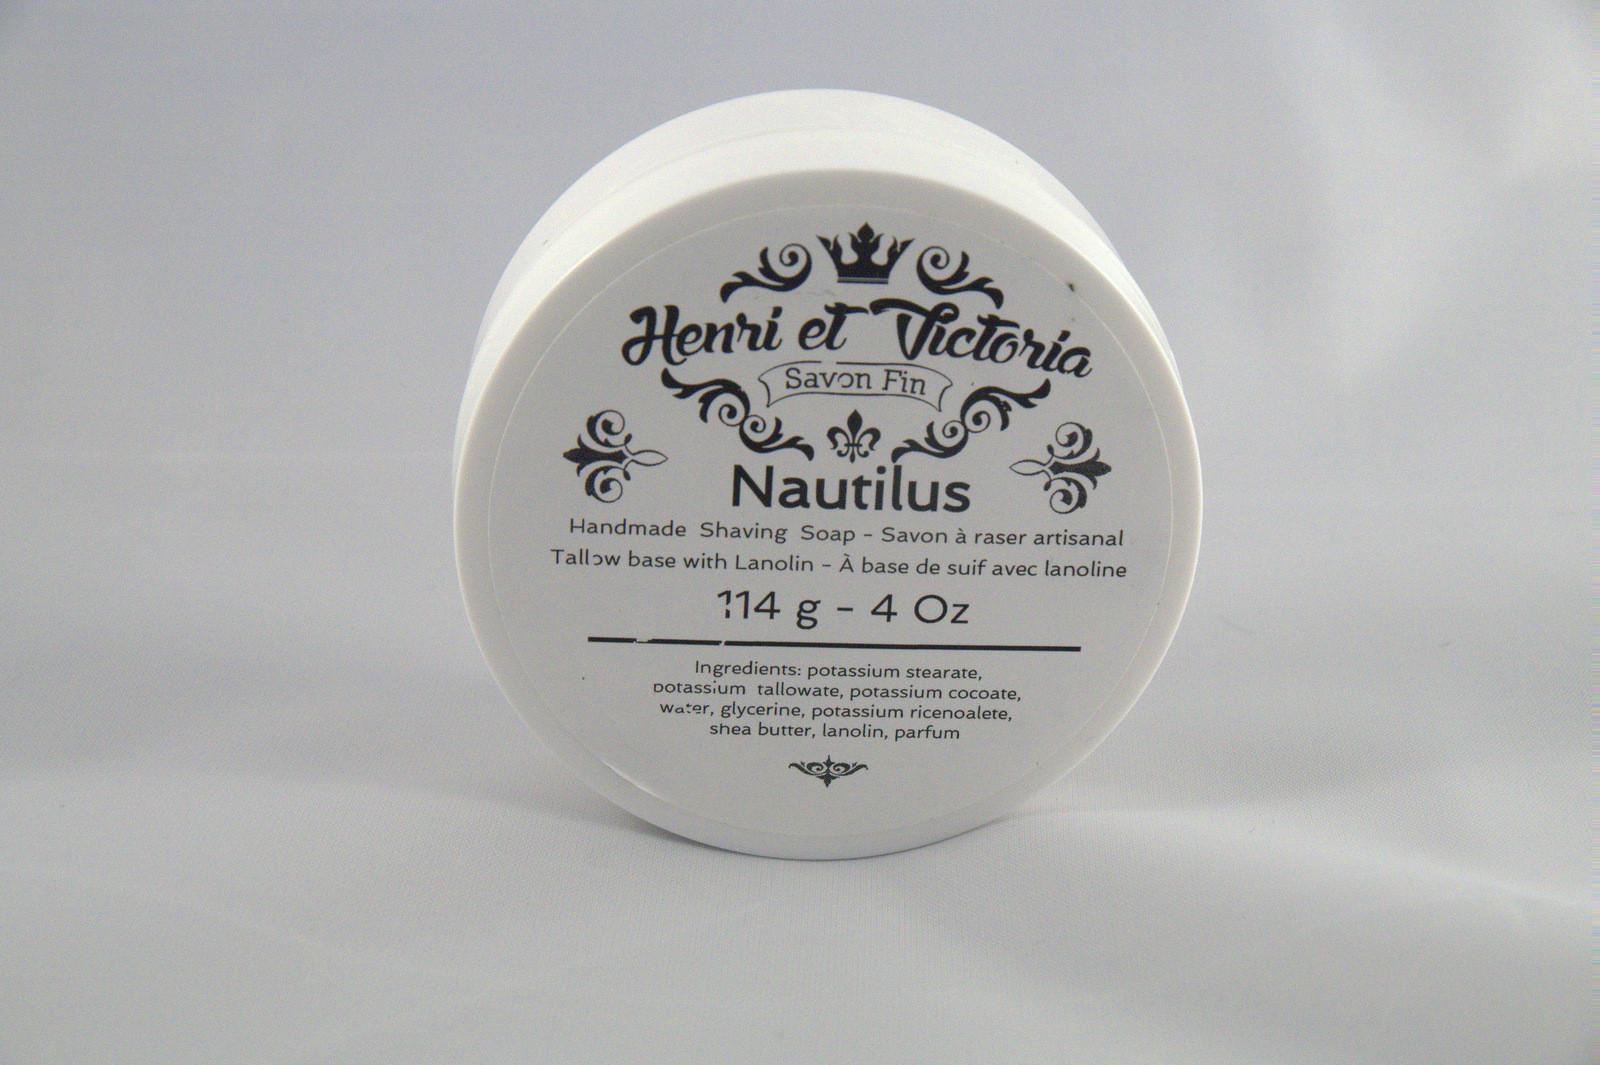 Henri et Victoria - Nautilus - Soap image